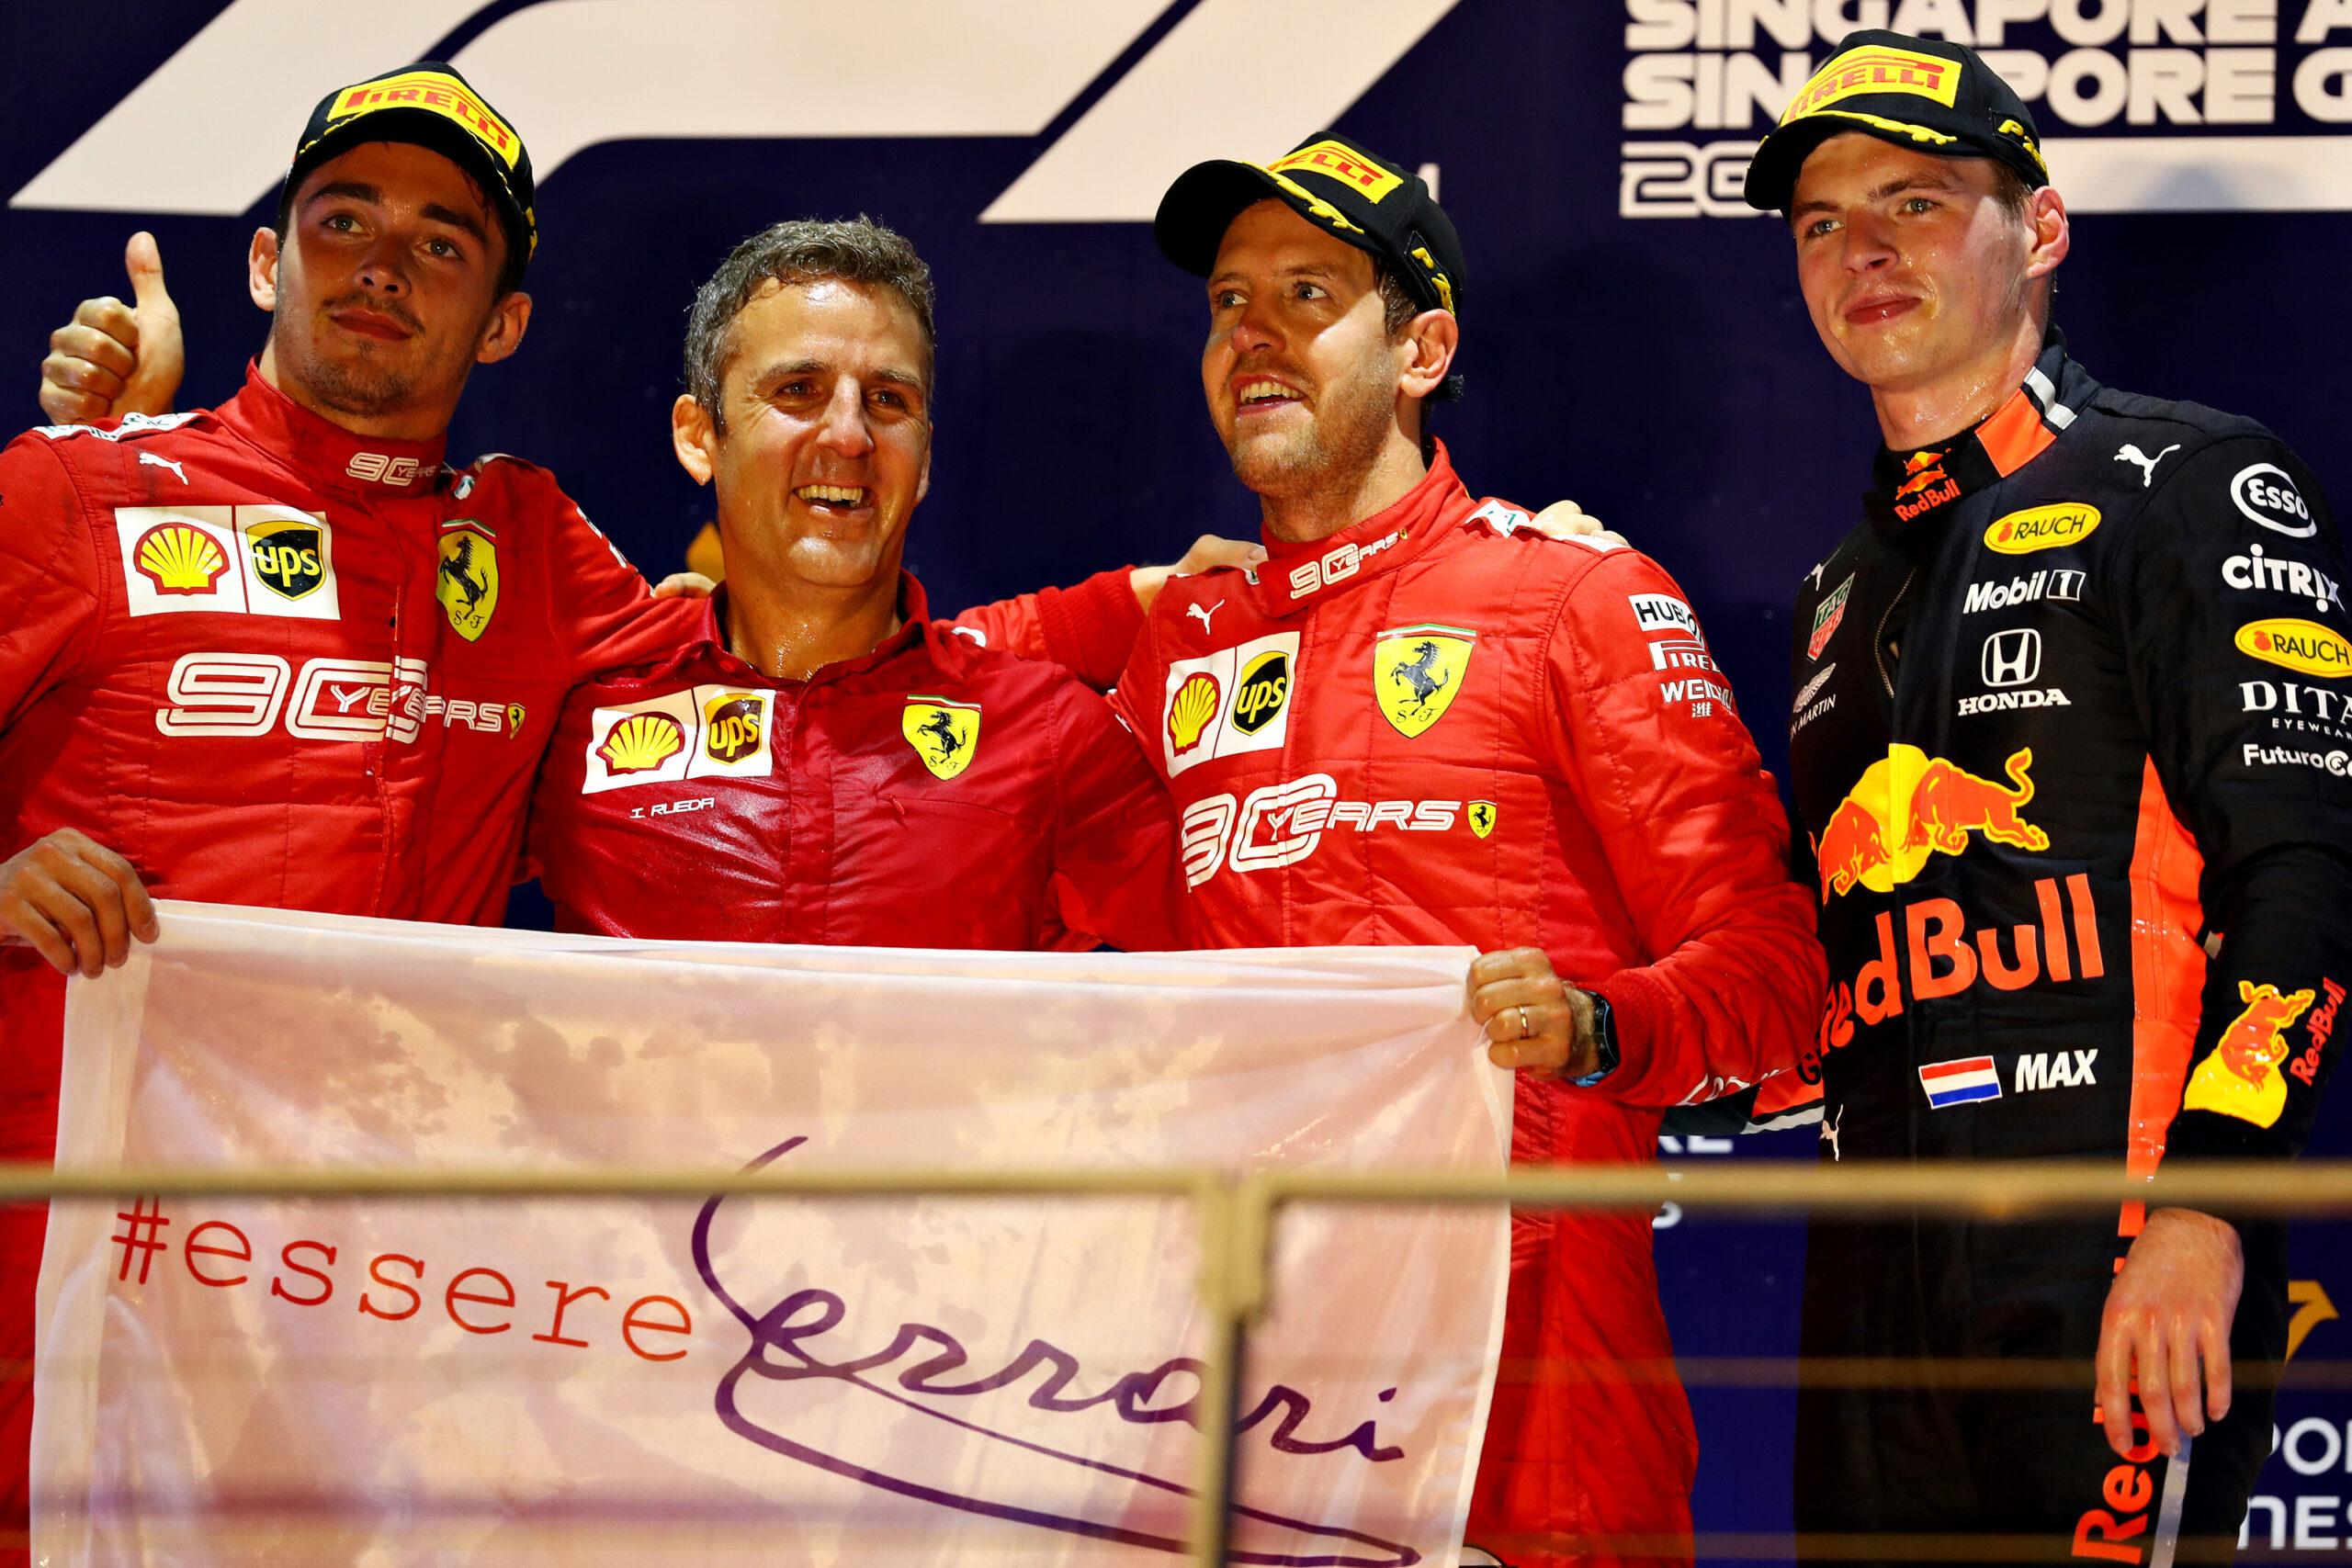 Grand Prix Singapuru